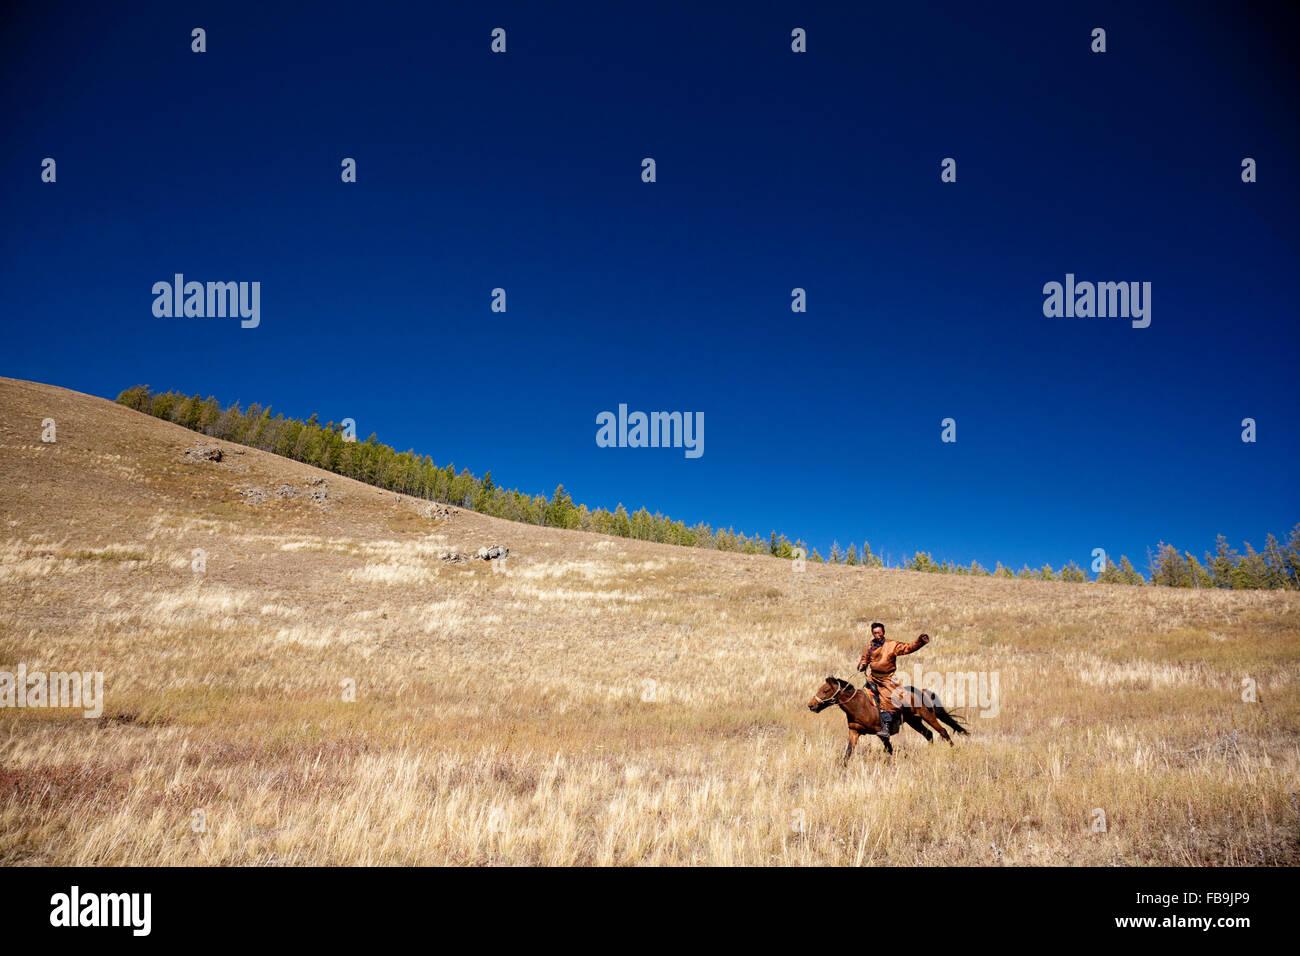 Un herder cavallo al galoppo attraverso Gorkhi Terelj National Park, Mongolia. Immagini Stock